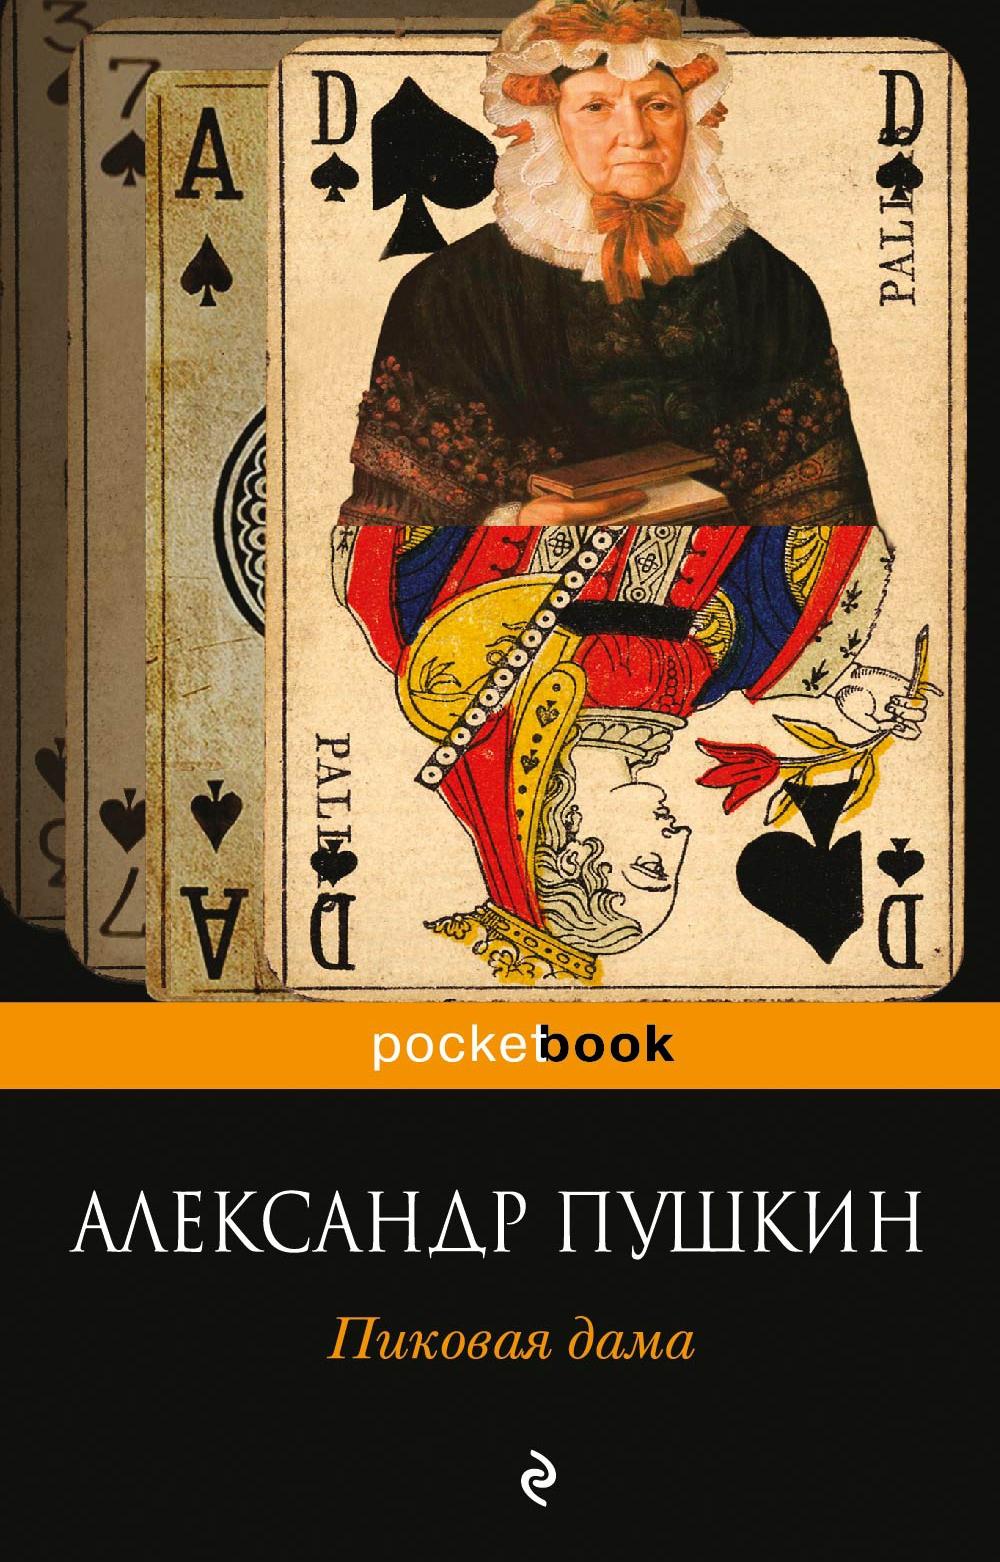 Скачать книгу пиковая дама а с пушкин